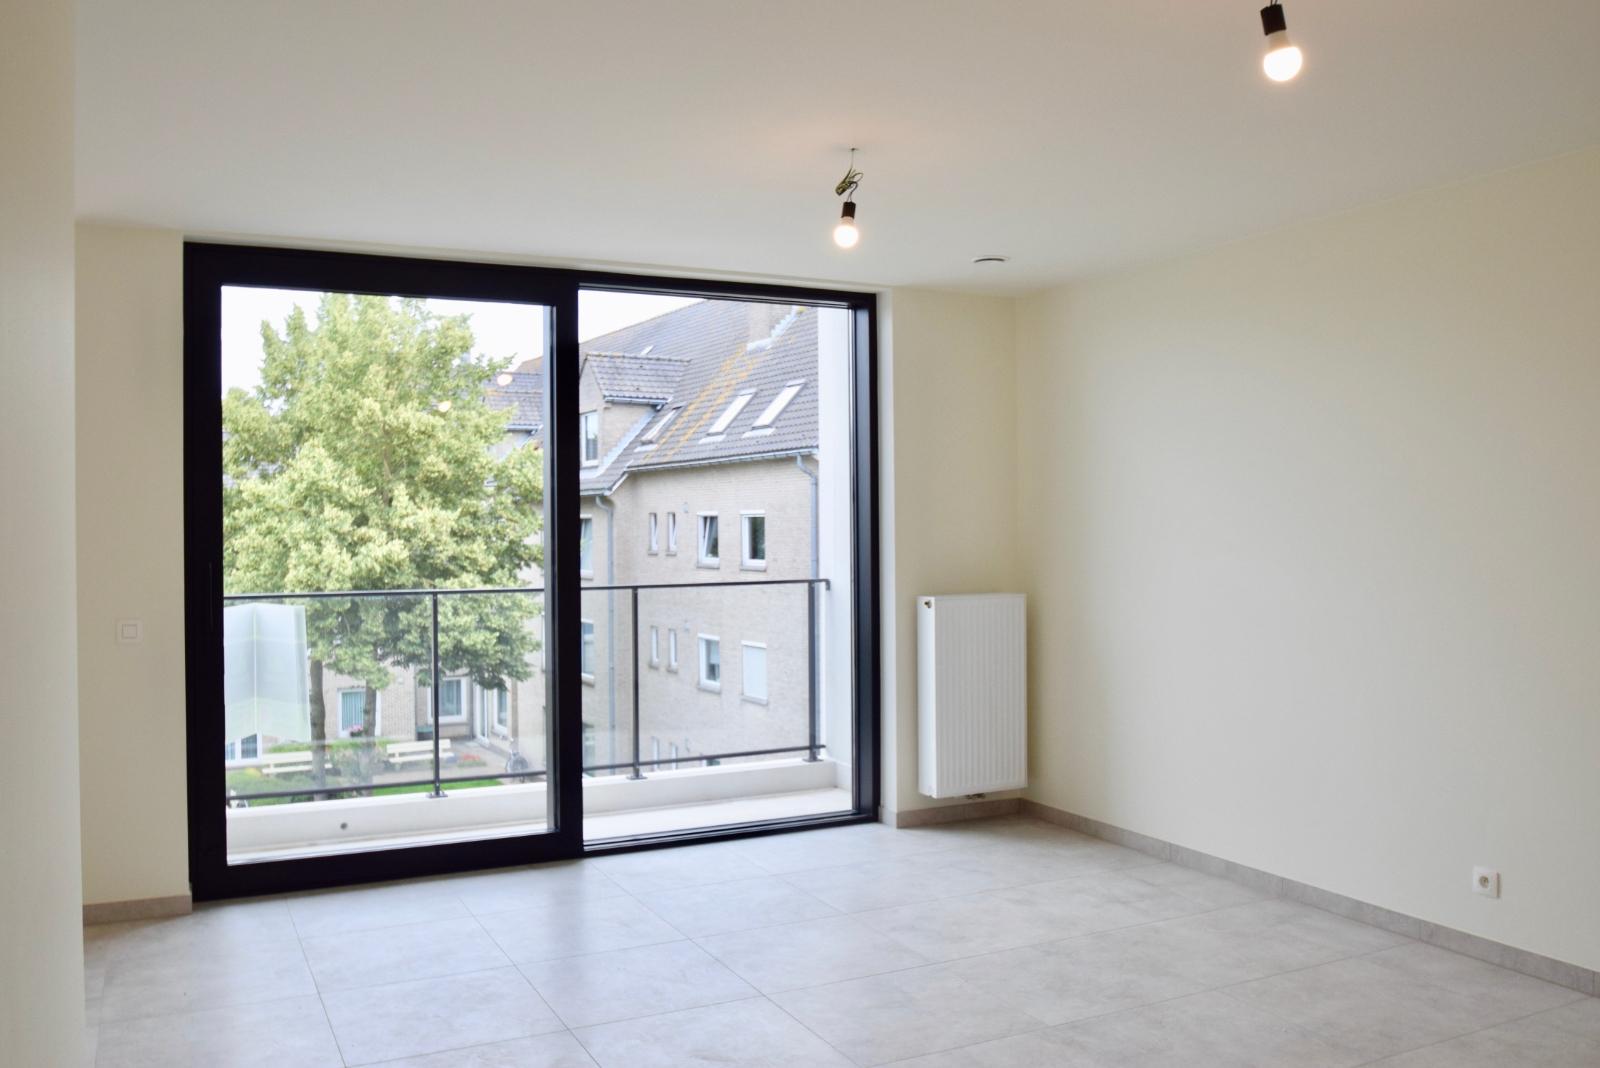 Nieuw appartement in het centrum van Diksmuide - 2